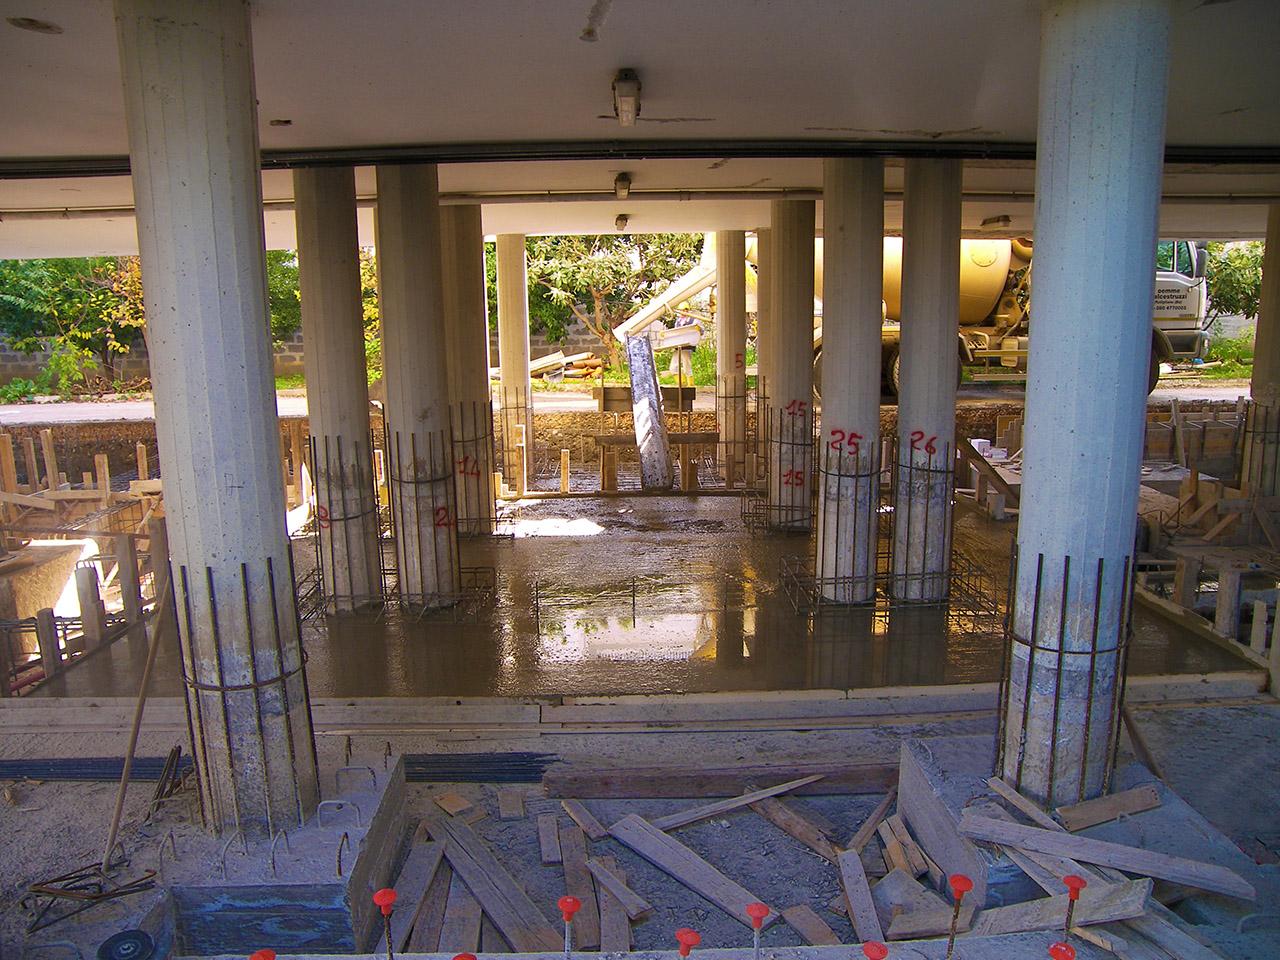 costruzioni restauri sirio ostuni consolidamento strutturale fondazioni suglia passeri rutigliano 2